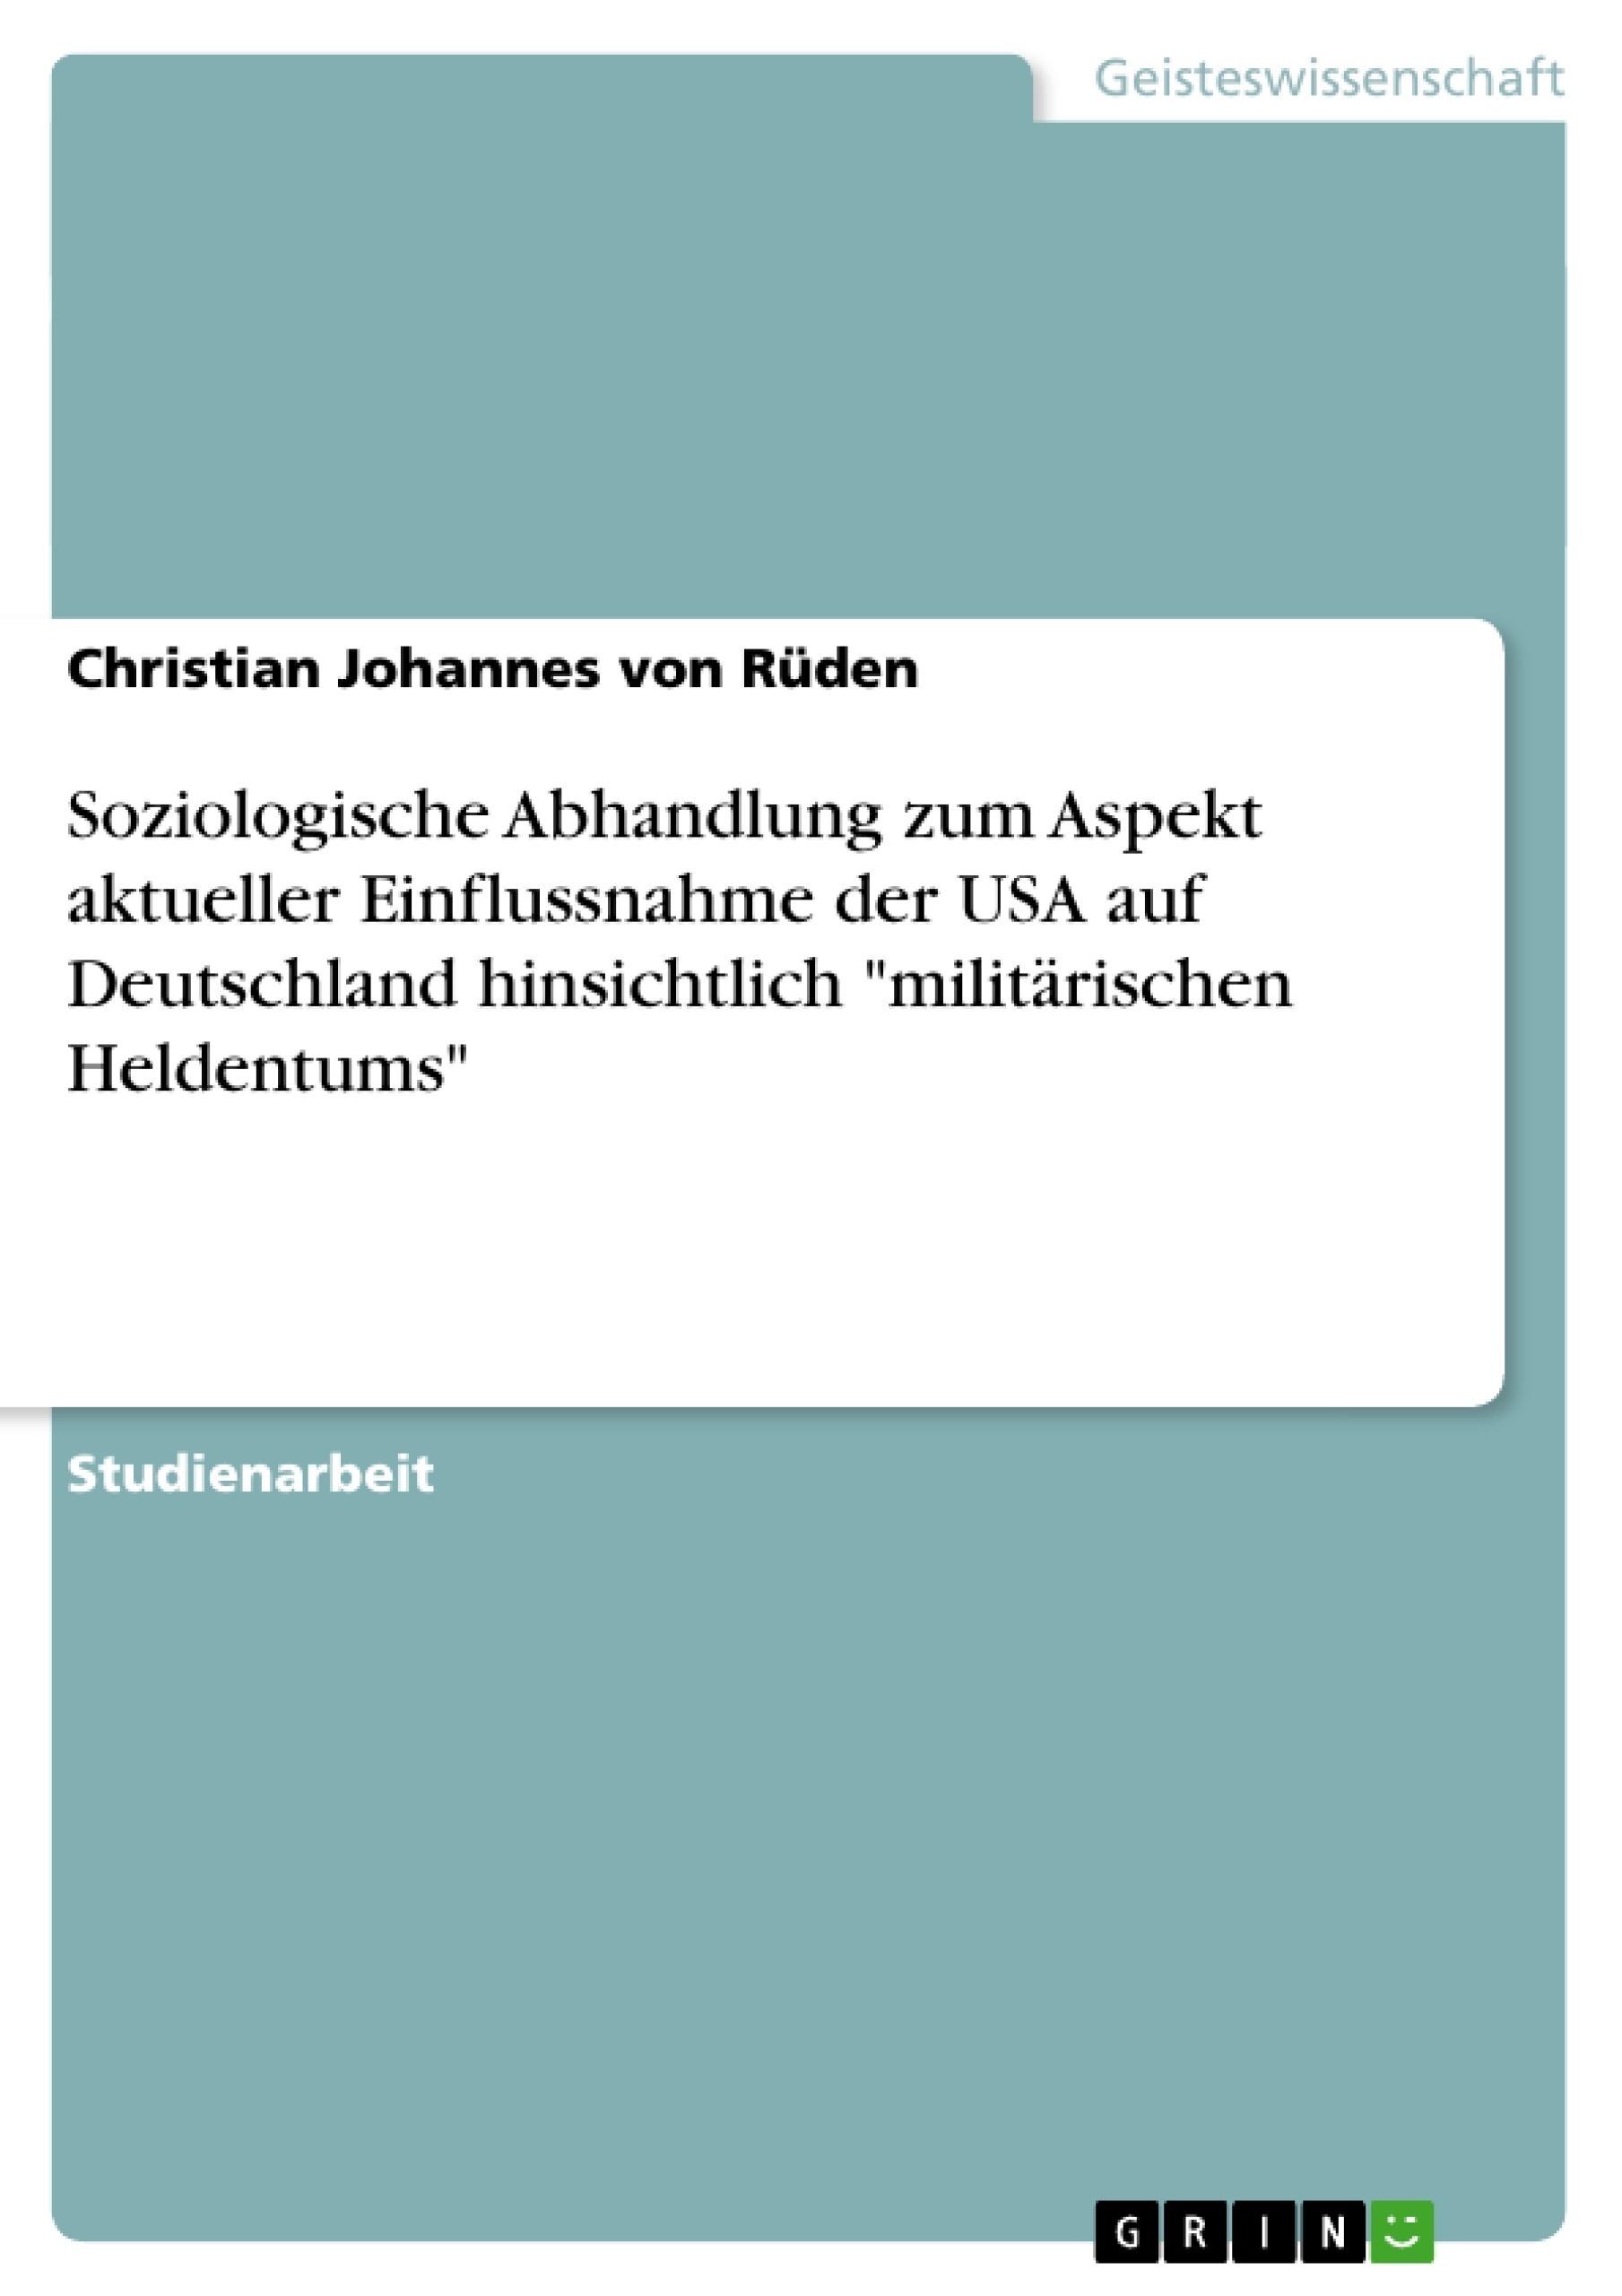 """Titel: Soziologische Abhandlung zum Aspekt aktueller Einflussnahme der USA auf Deutschland hinsichtlich """"militärischen Heldentums"""""""